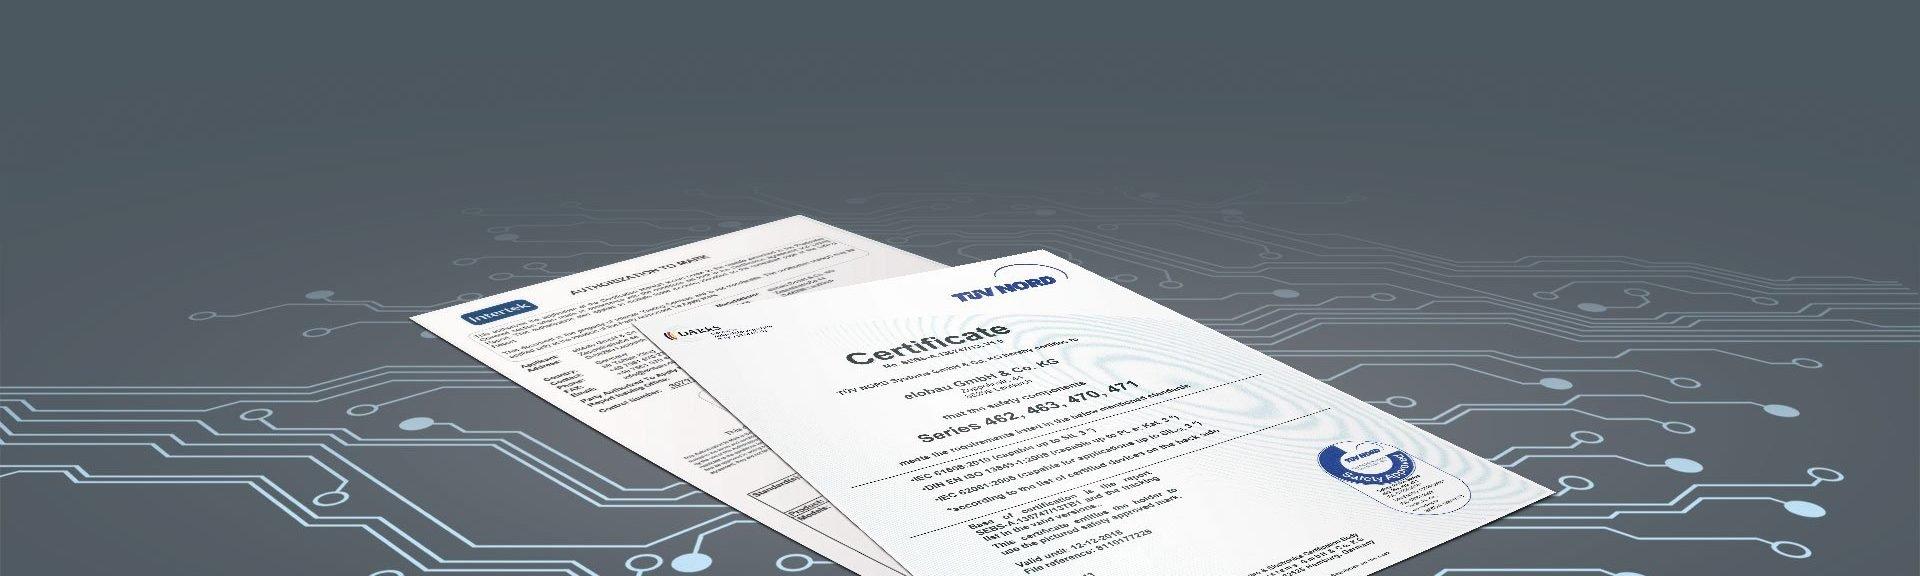 Zertifikate-FS-1920×1080-RZ-06022018